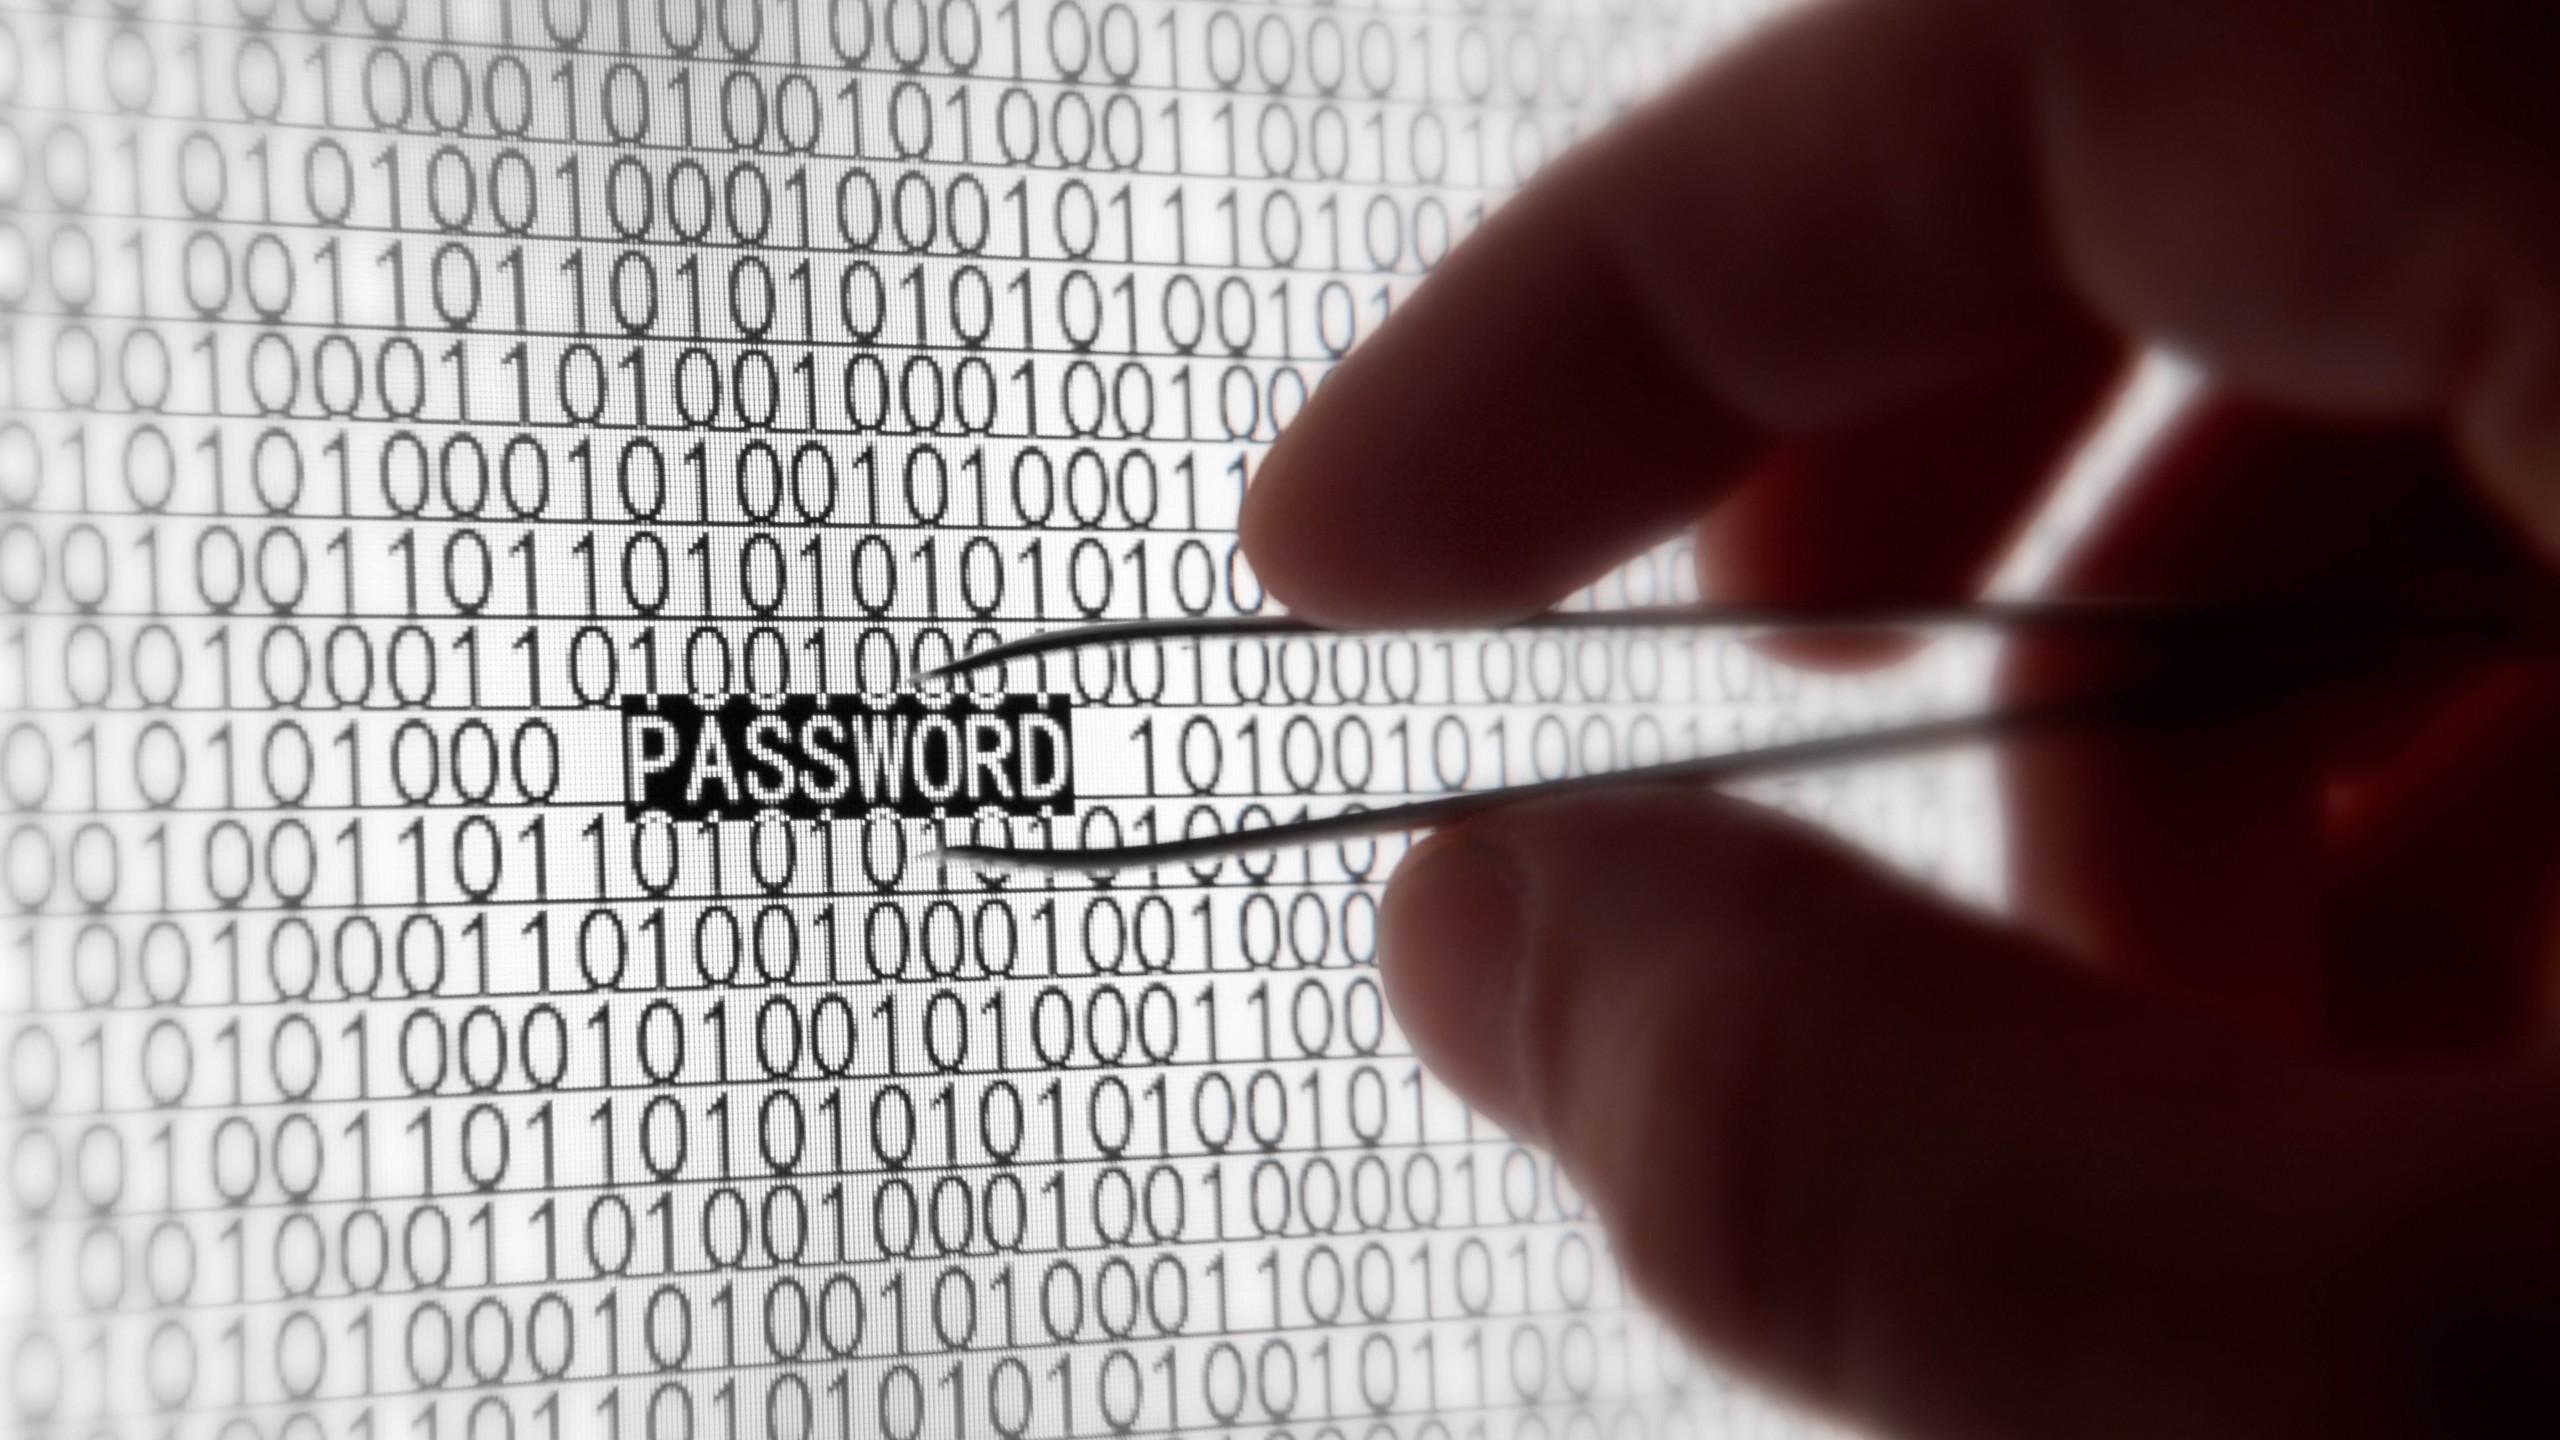 Как правильно защитить свой пароль от взлома2